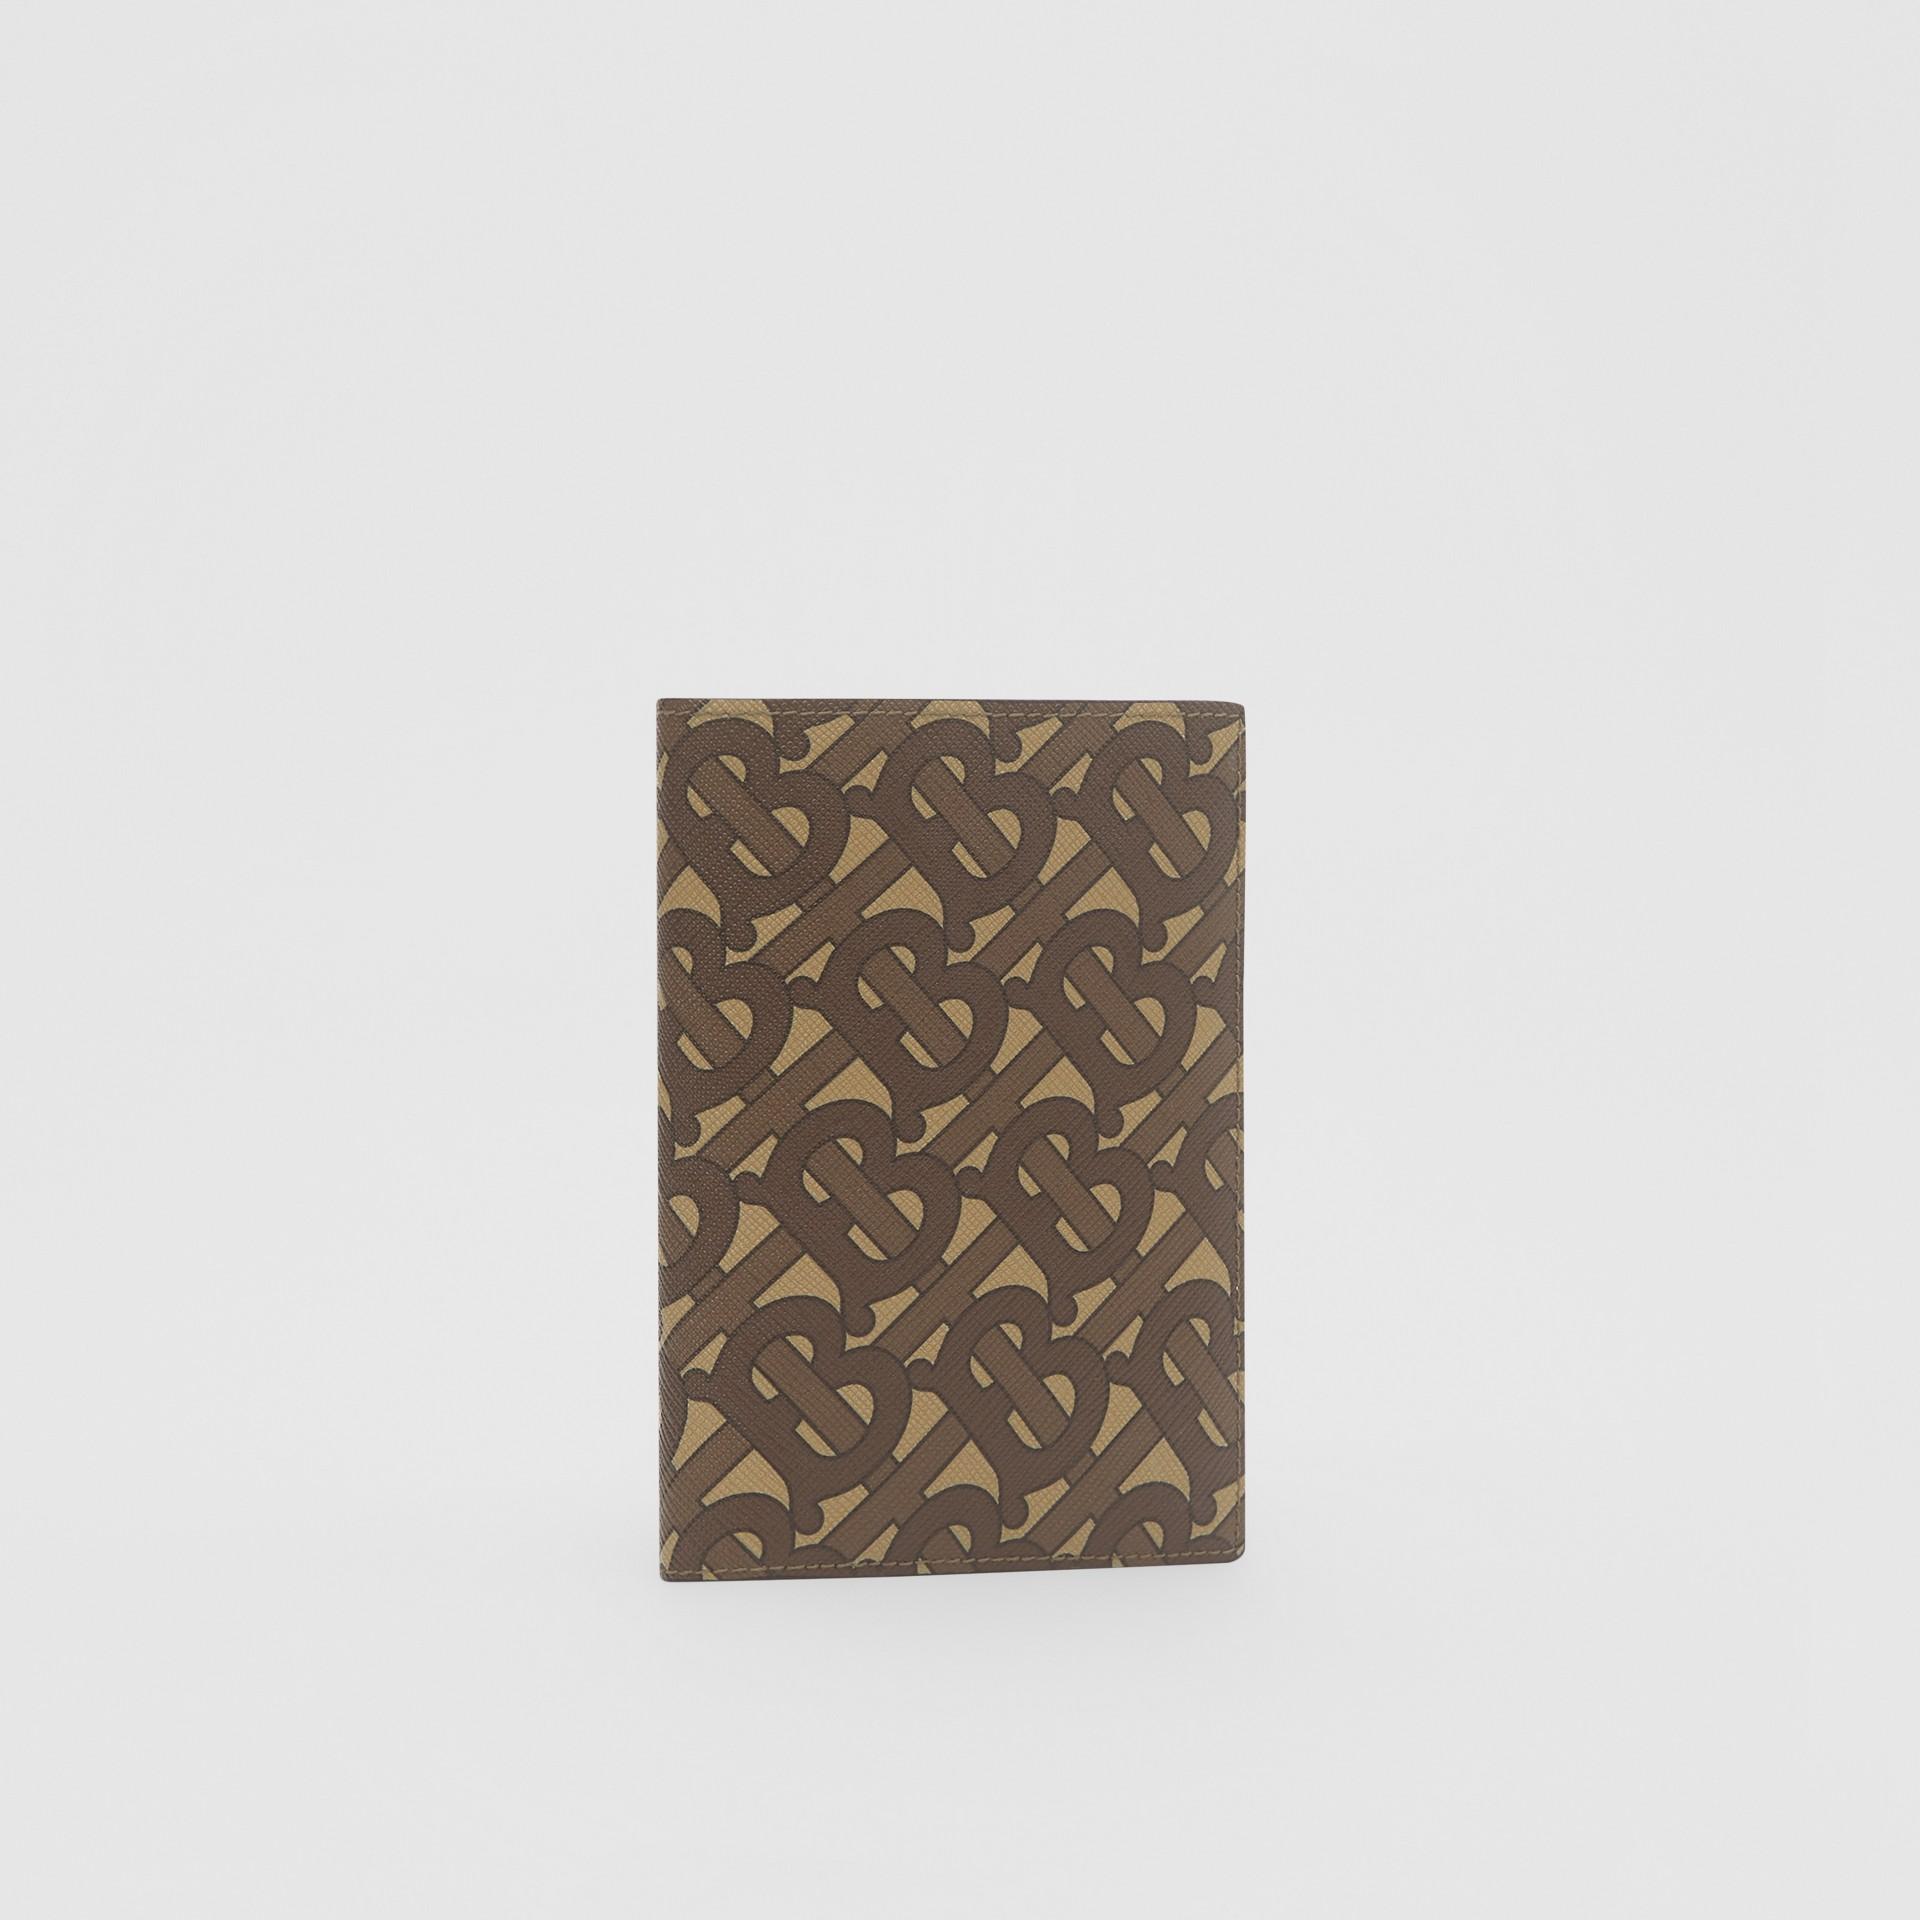 Funda para pasaporte en lona ecológica con estampado de monogramas (Marrón Ecuestre) - Hombre | Burberry - imagen de la galería 3